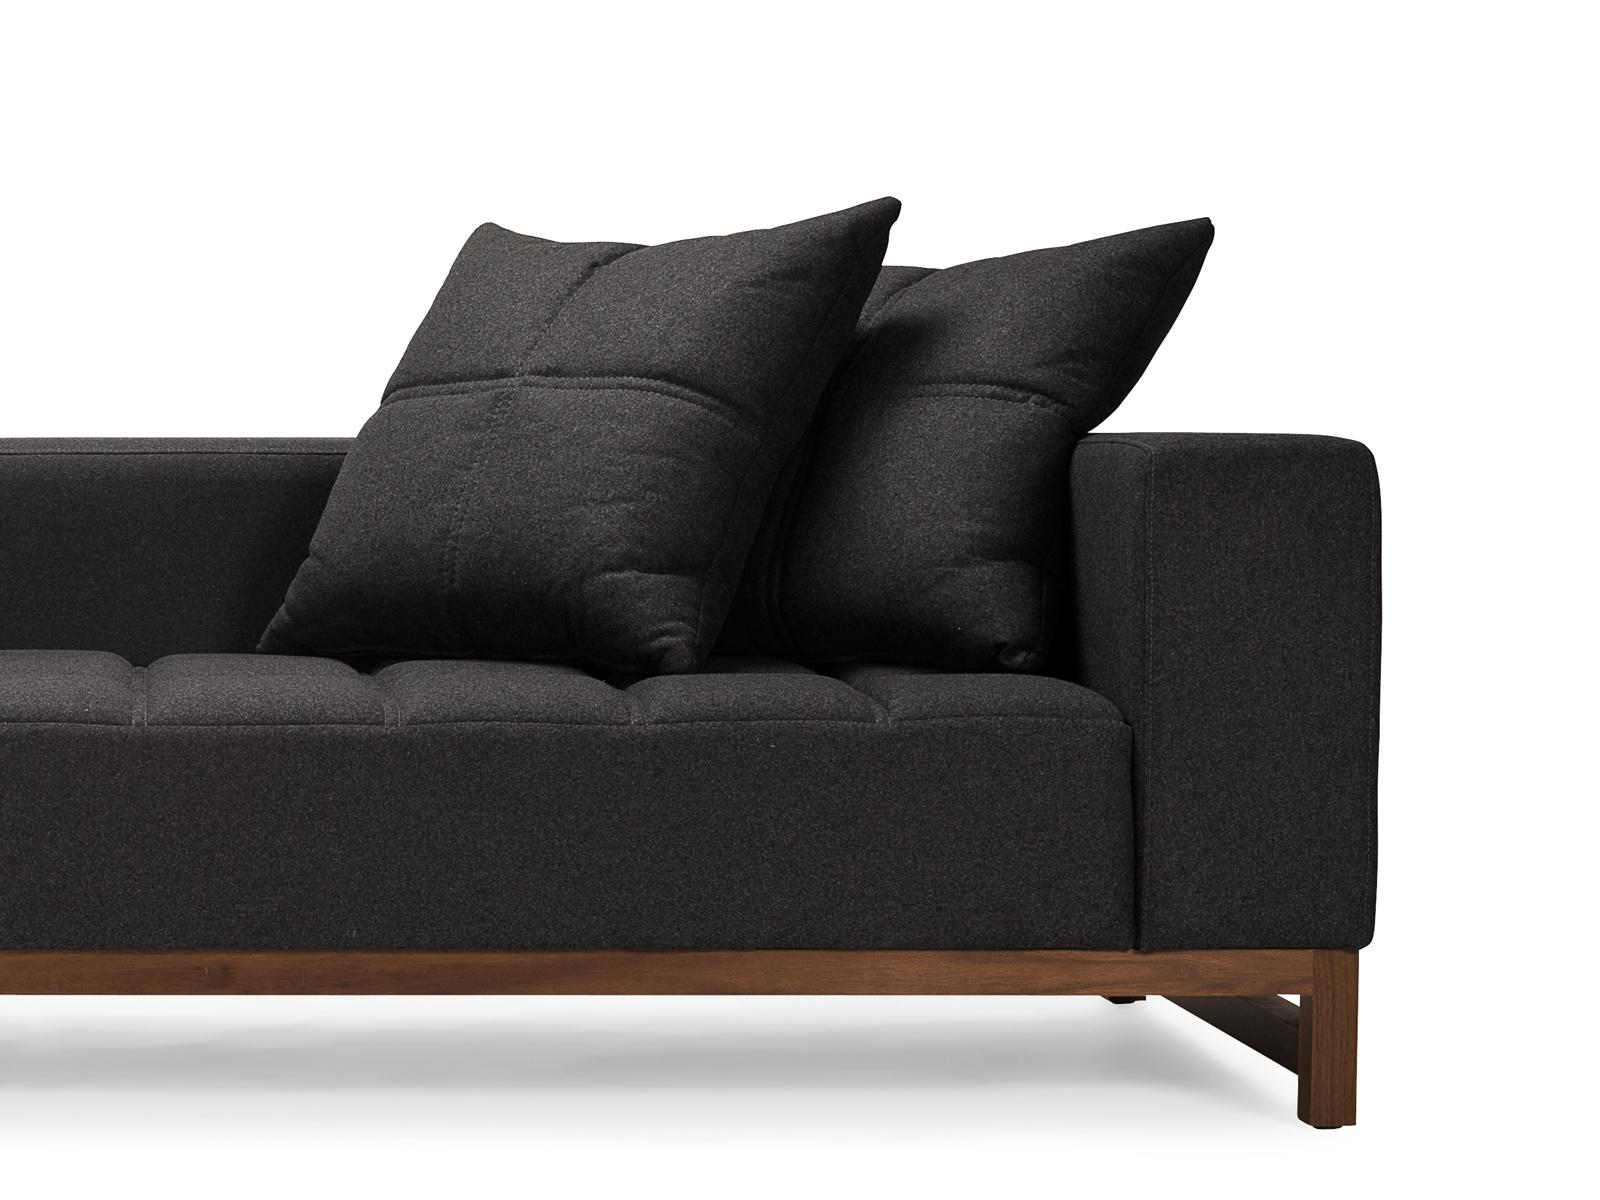 Sofa modulaire Cara, détail